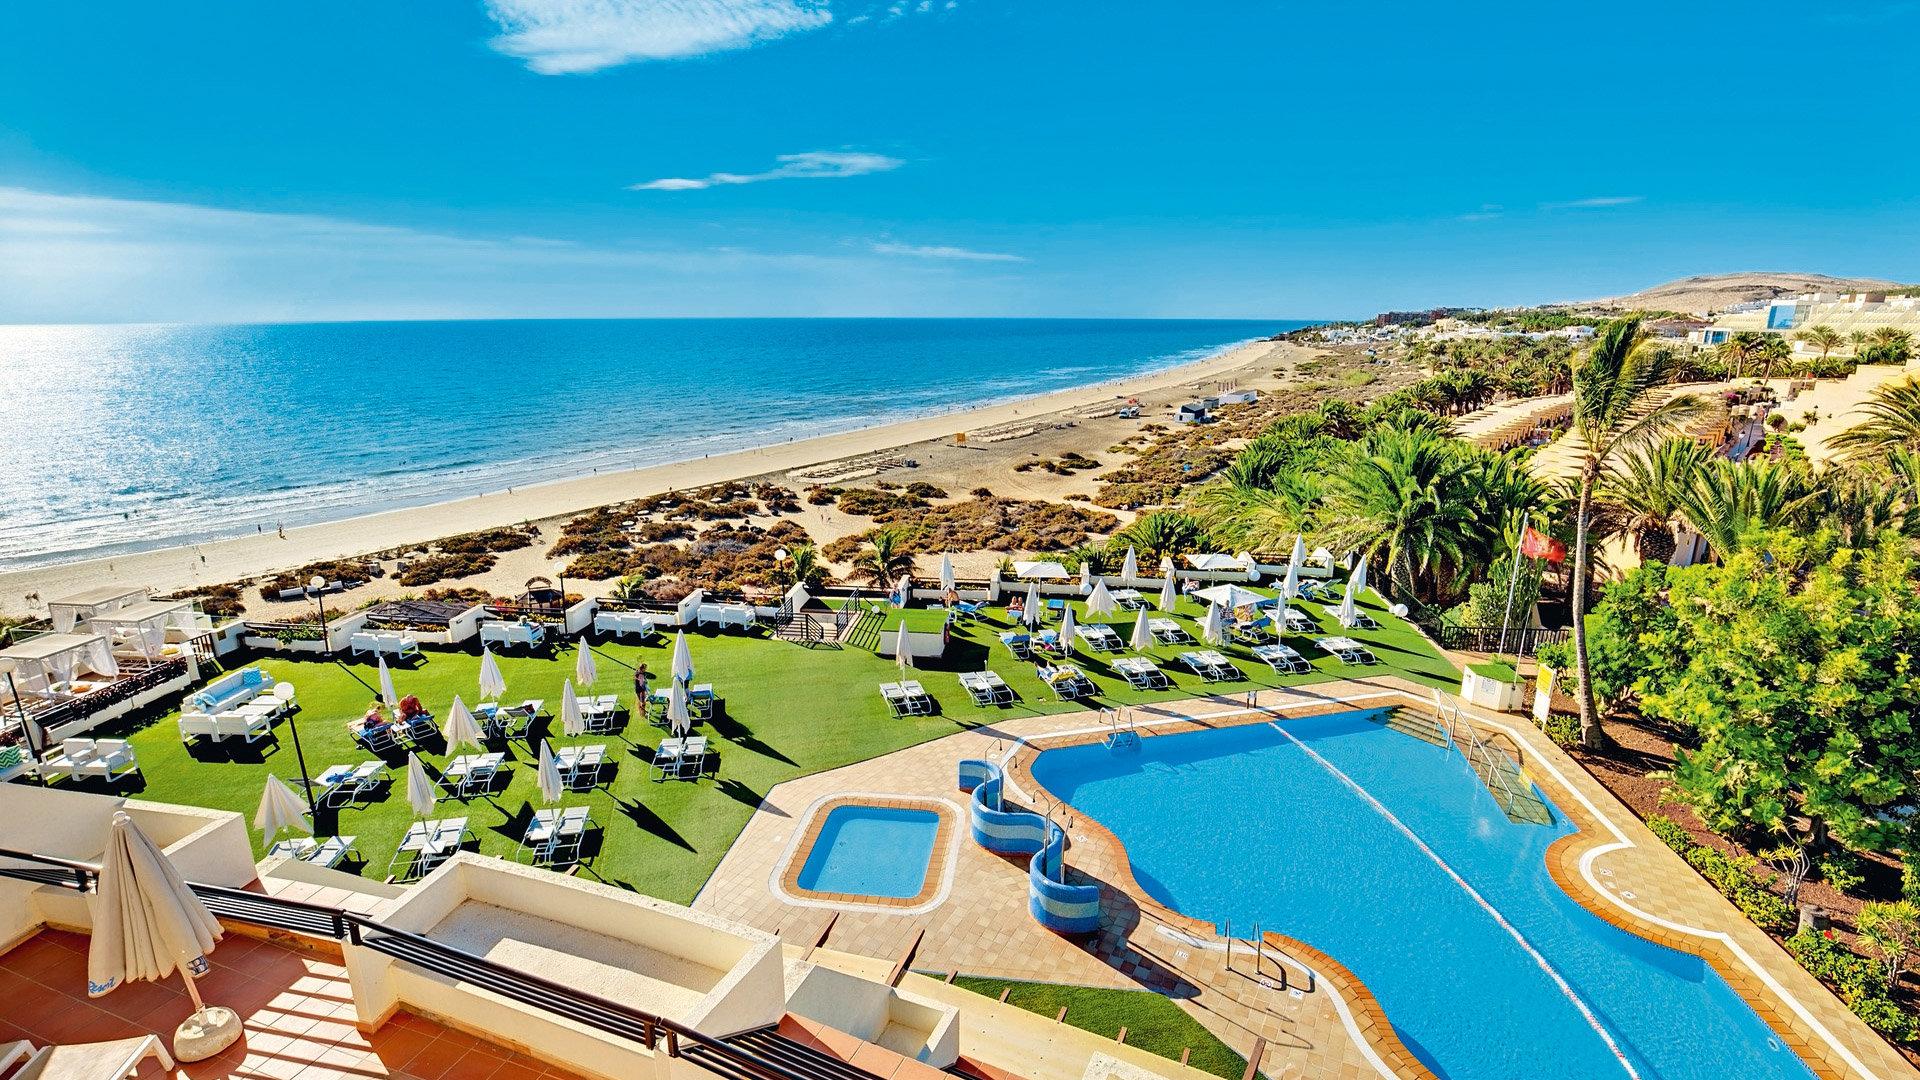 Отель SBH CRYSTAL BEACH HOTEL & SUITES